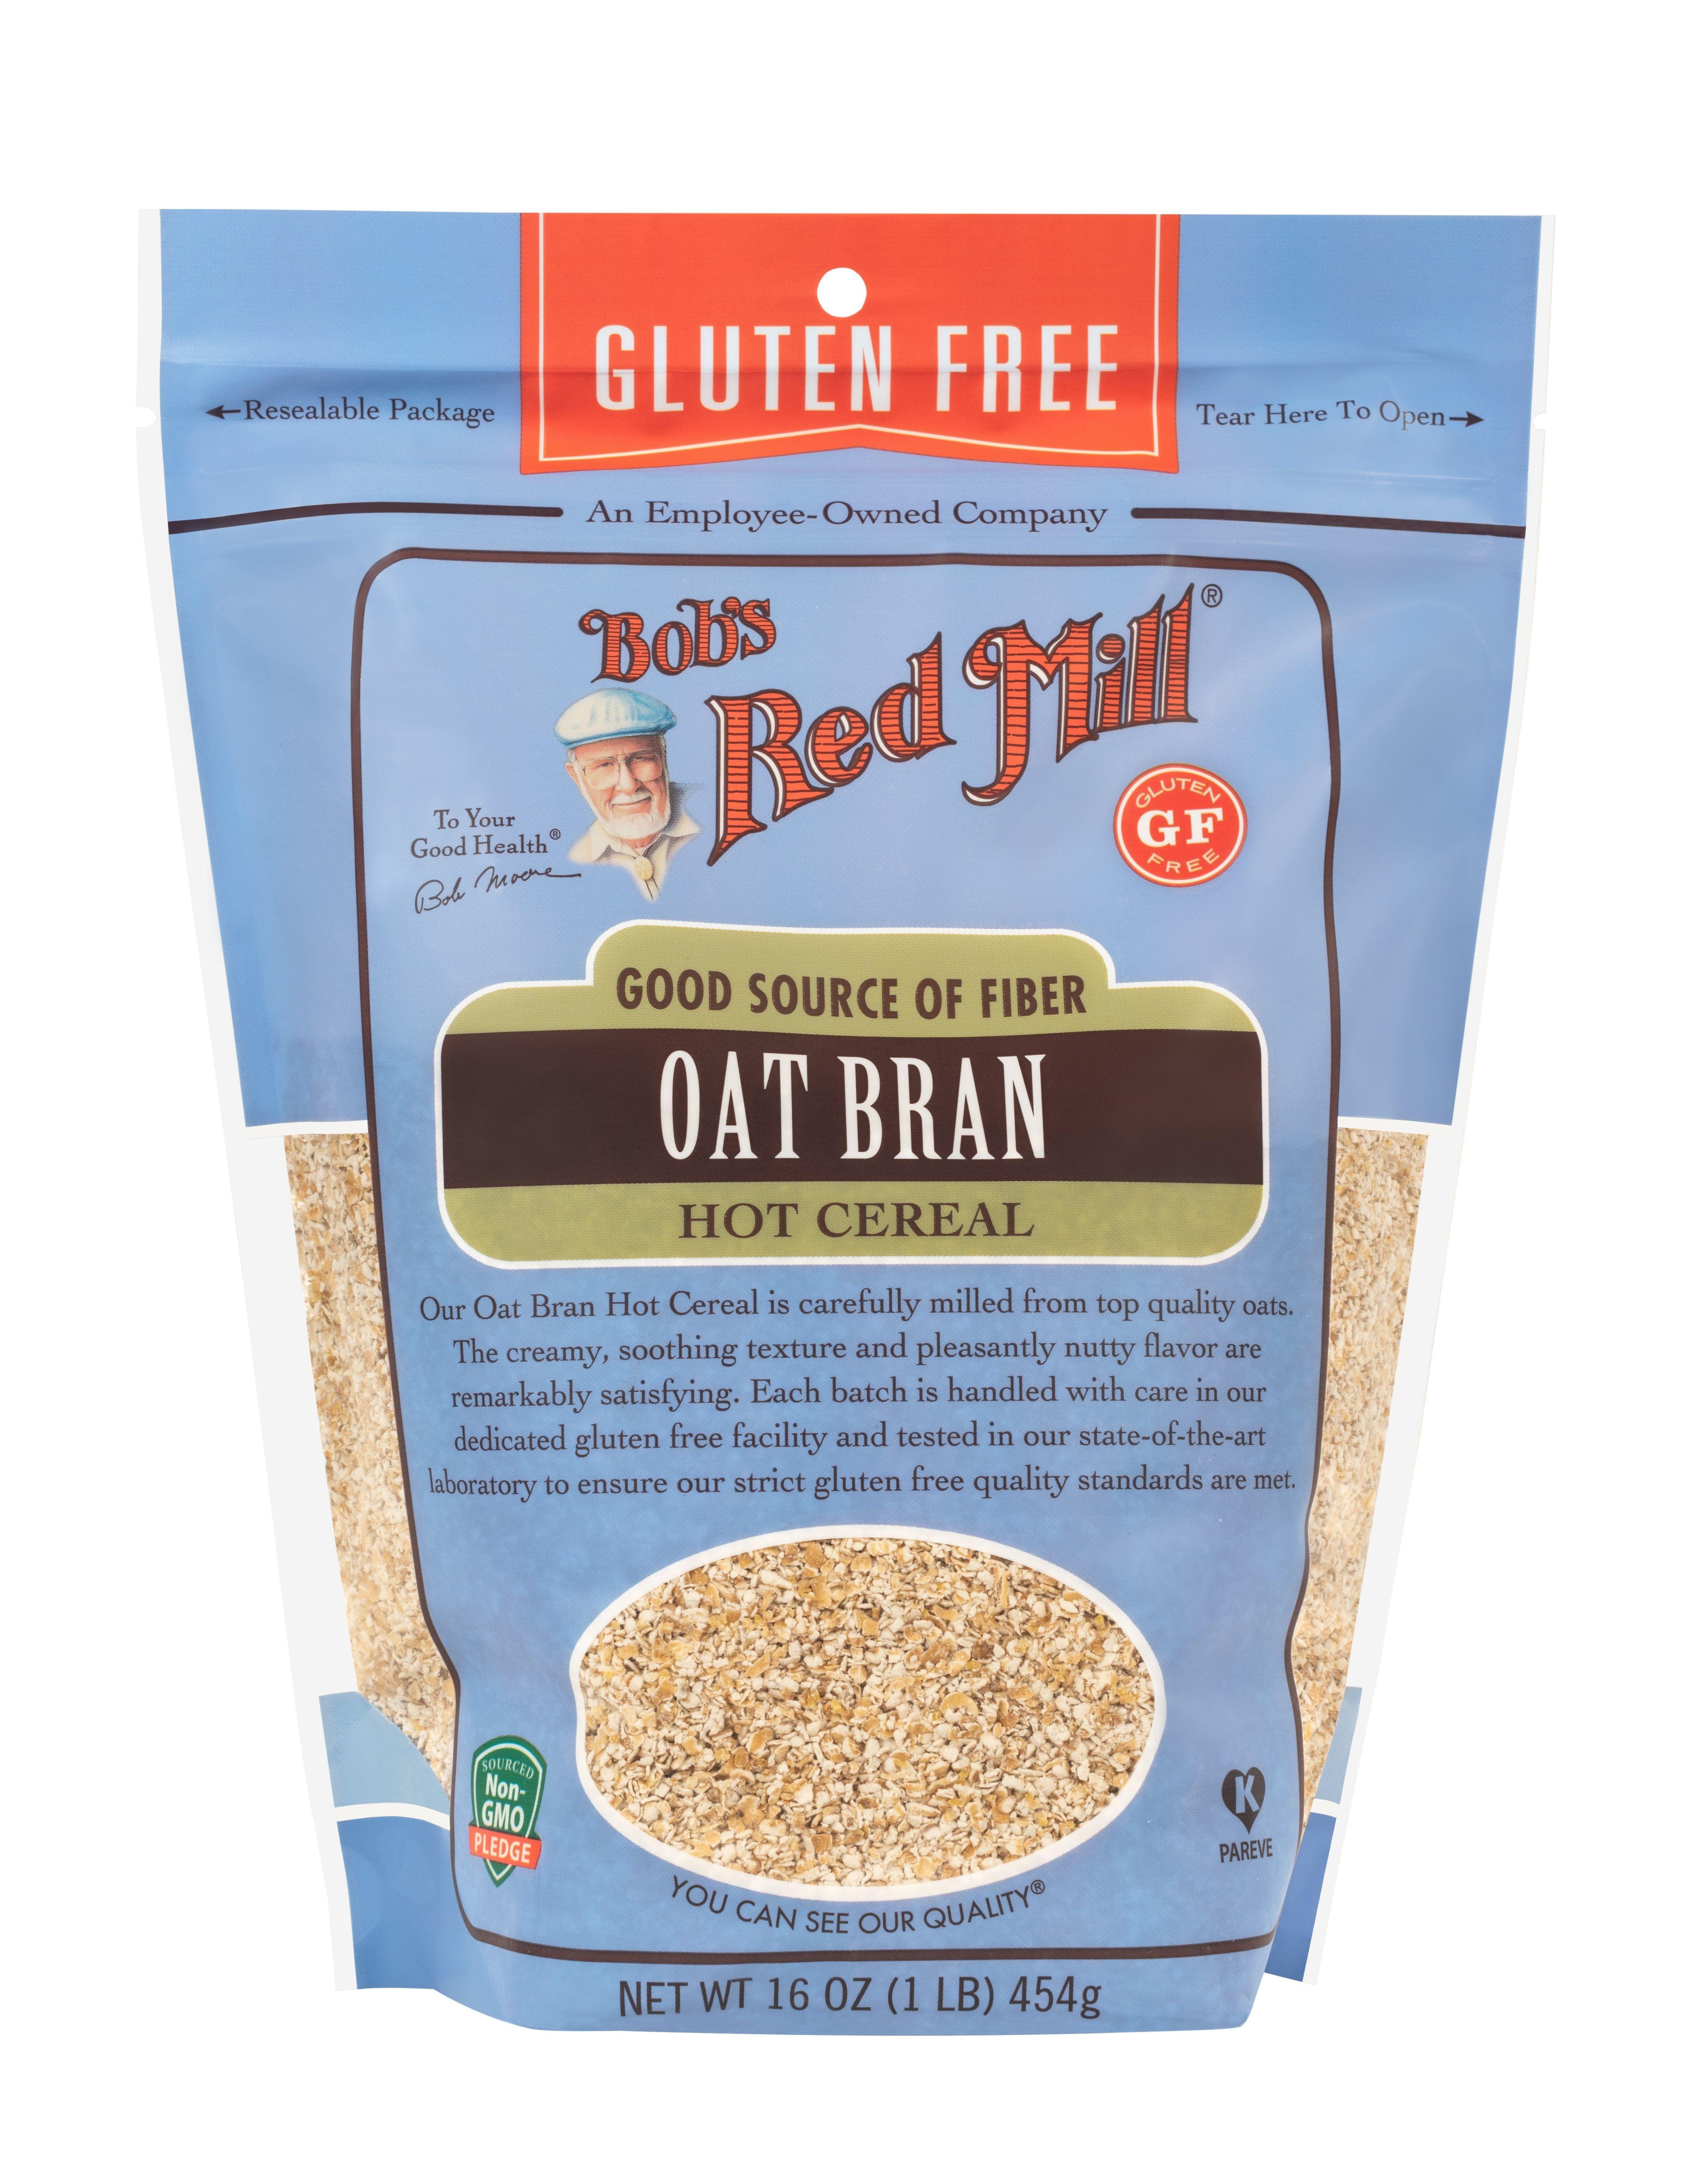 Gluten free oat bran oat bran gluten free bobs red mill